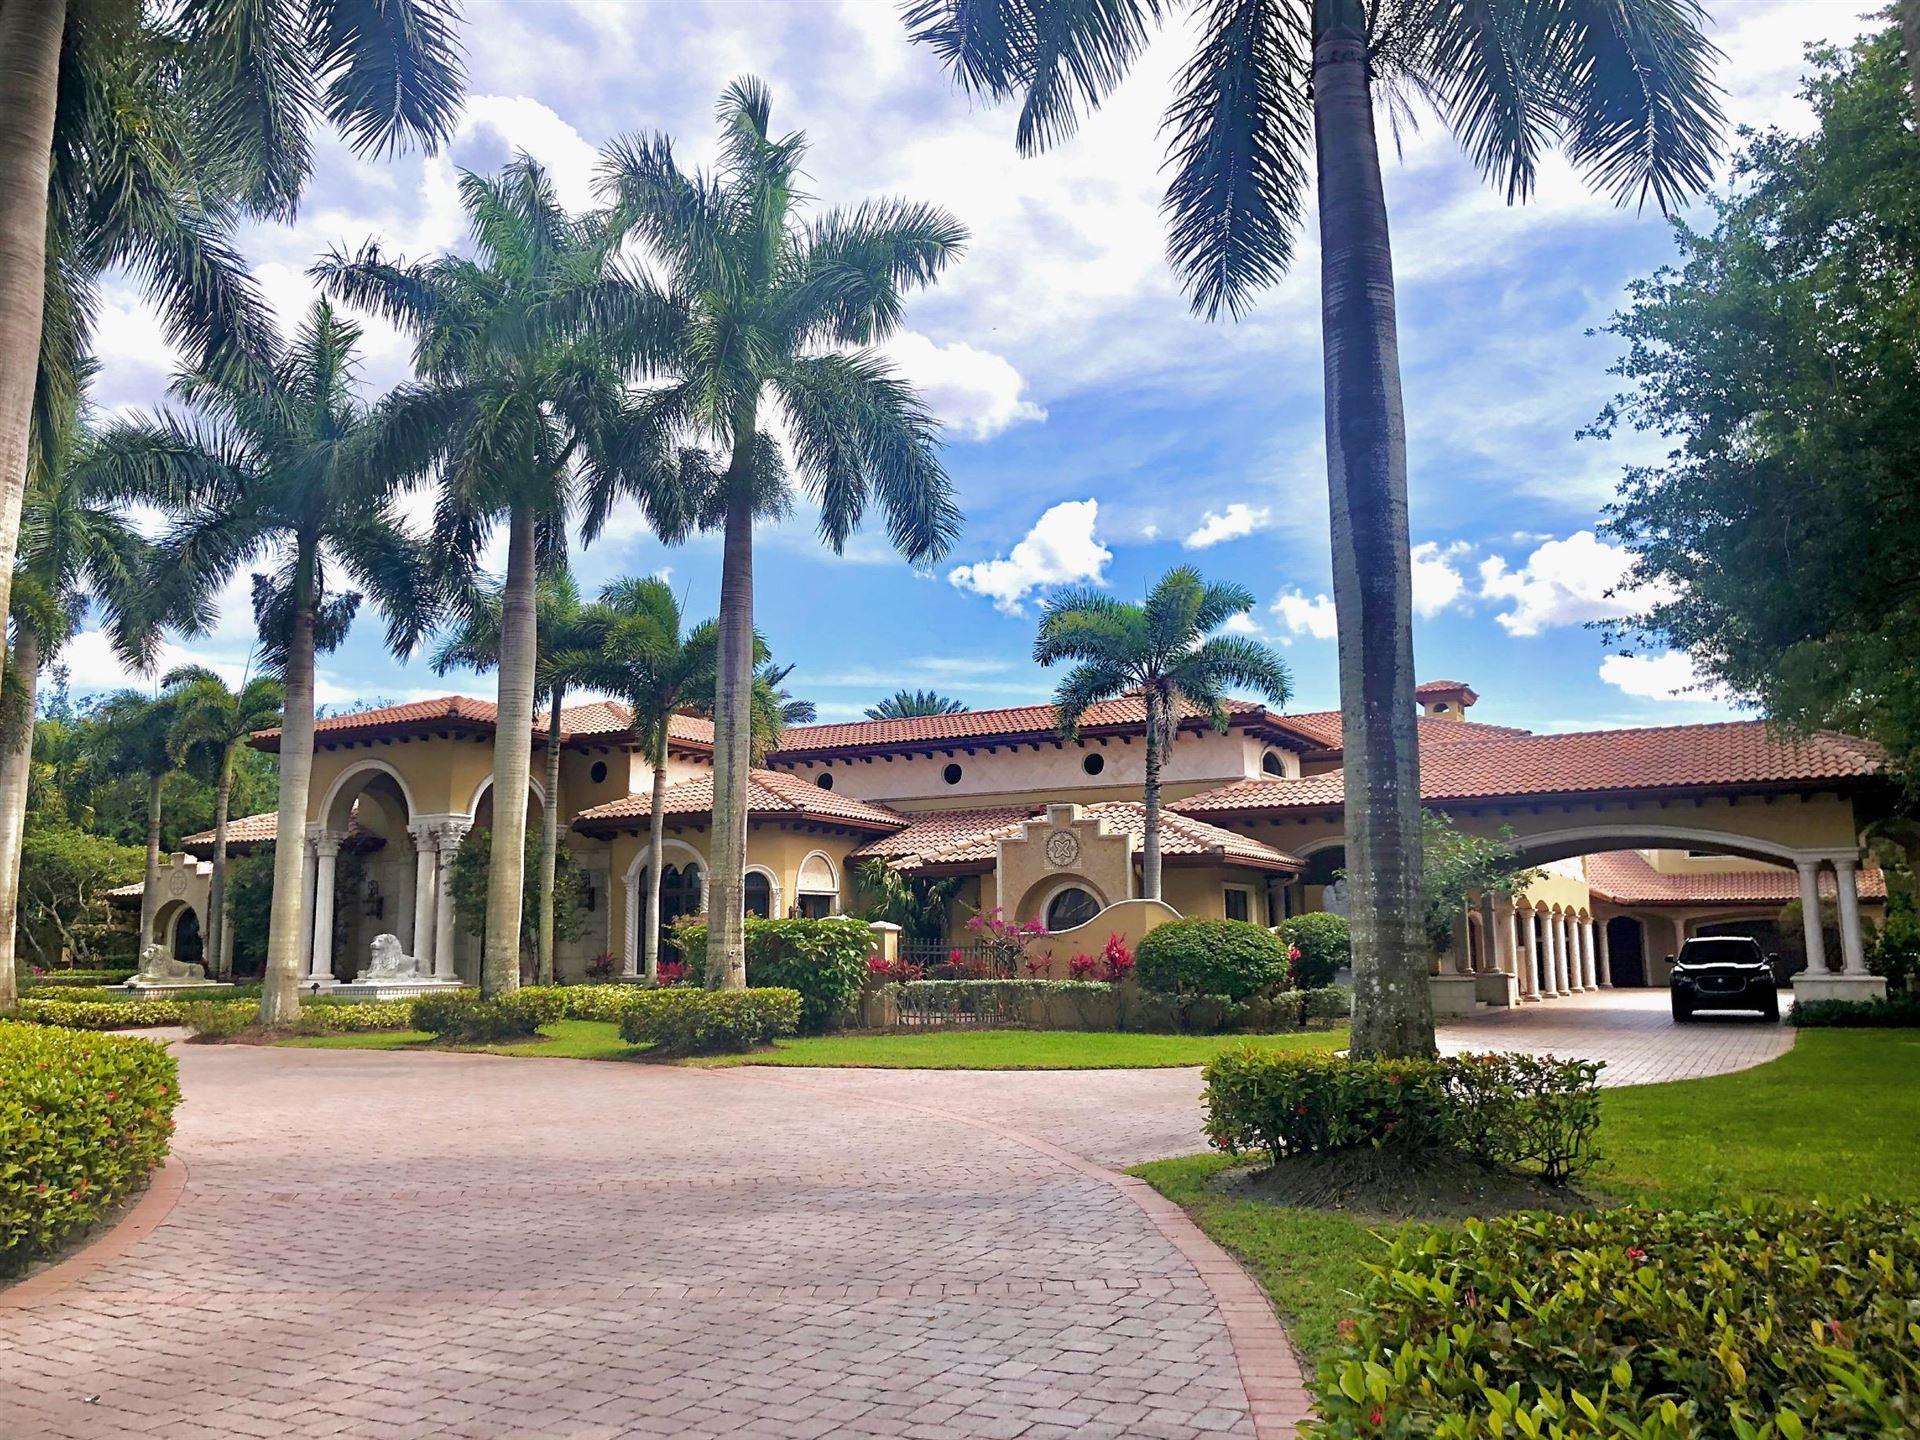 6025 Le Lac Road, Boca Raton, FL 33496 - MLS#: RX-10599231